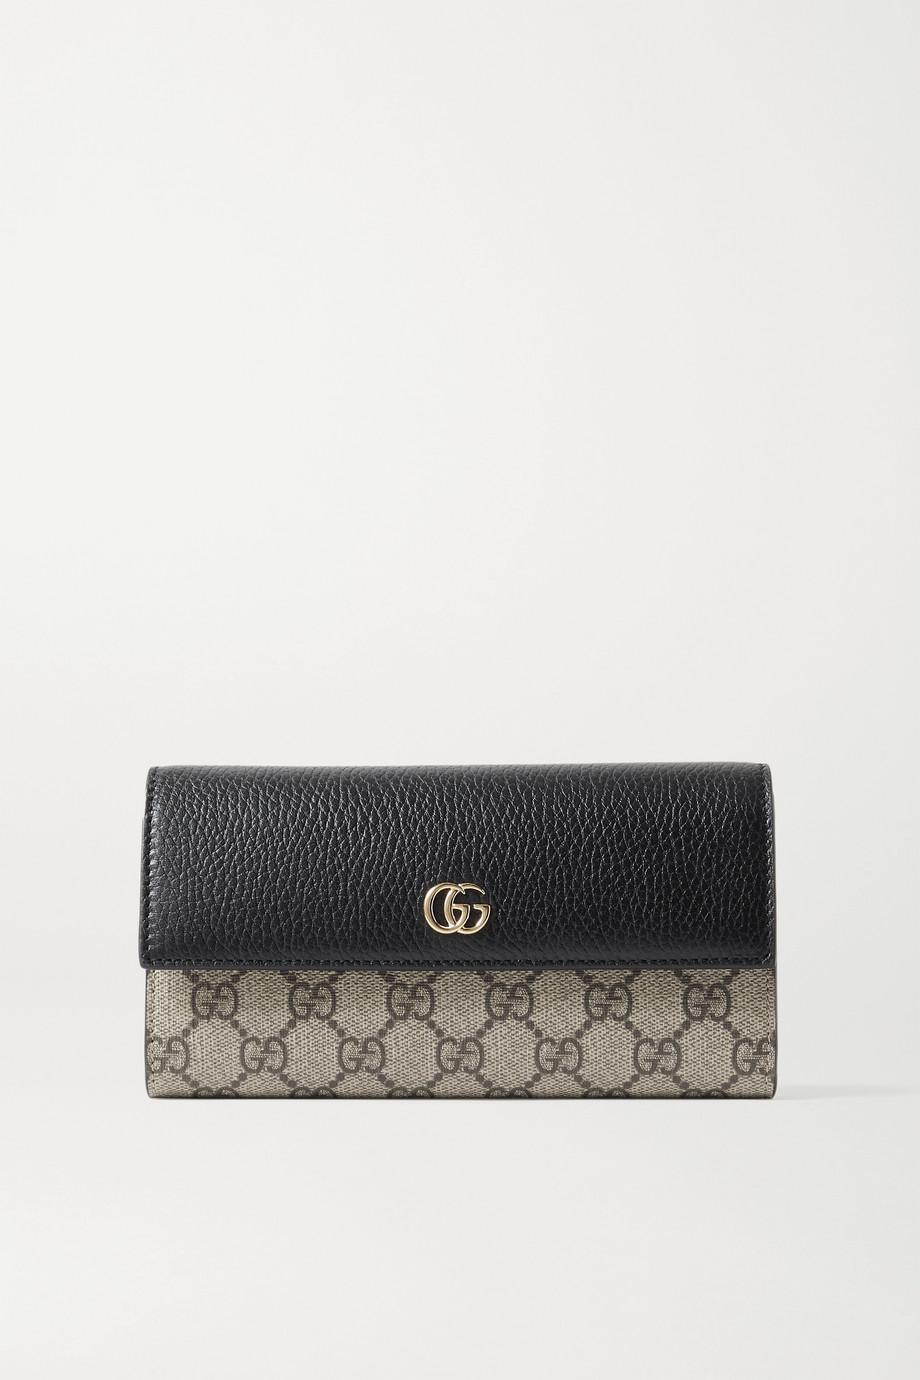 Gucci + NET SUSTAIN GG Marmont Petite Portemonnaie aus strukturiertem Leder und beschichtetem Canvas mit Print